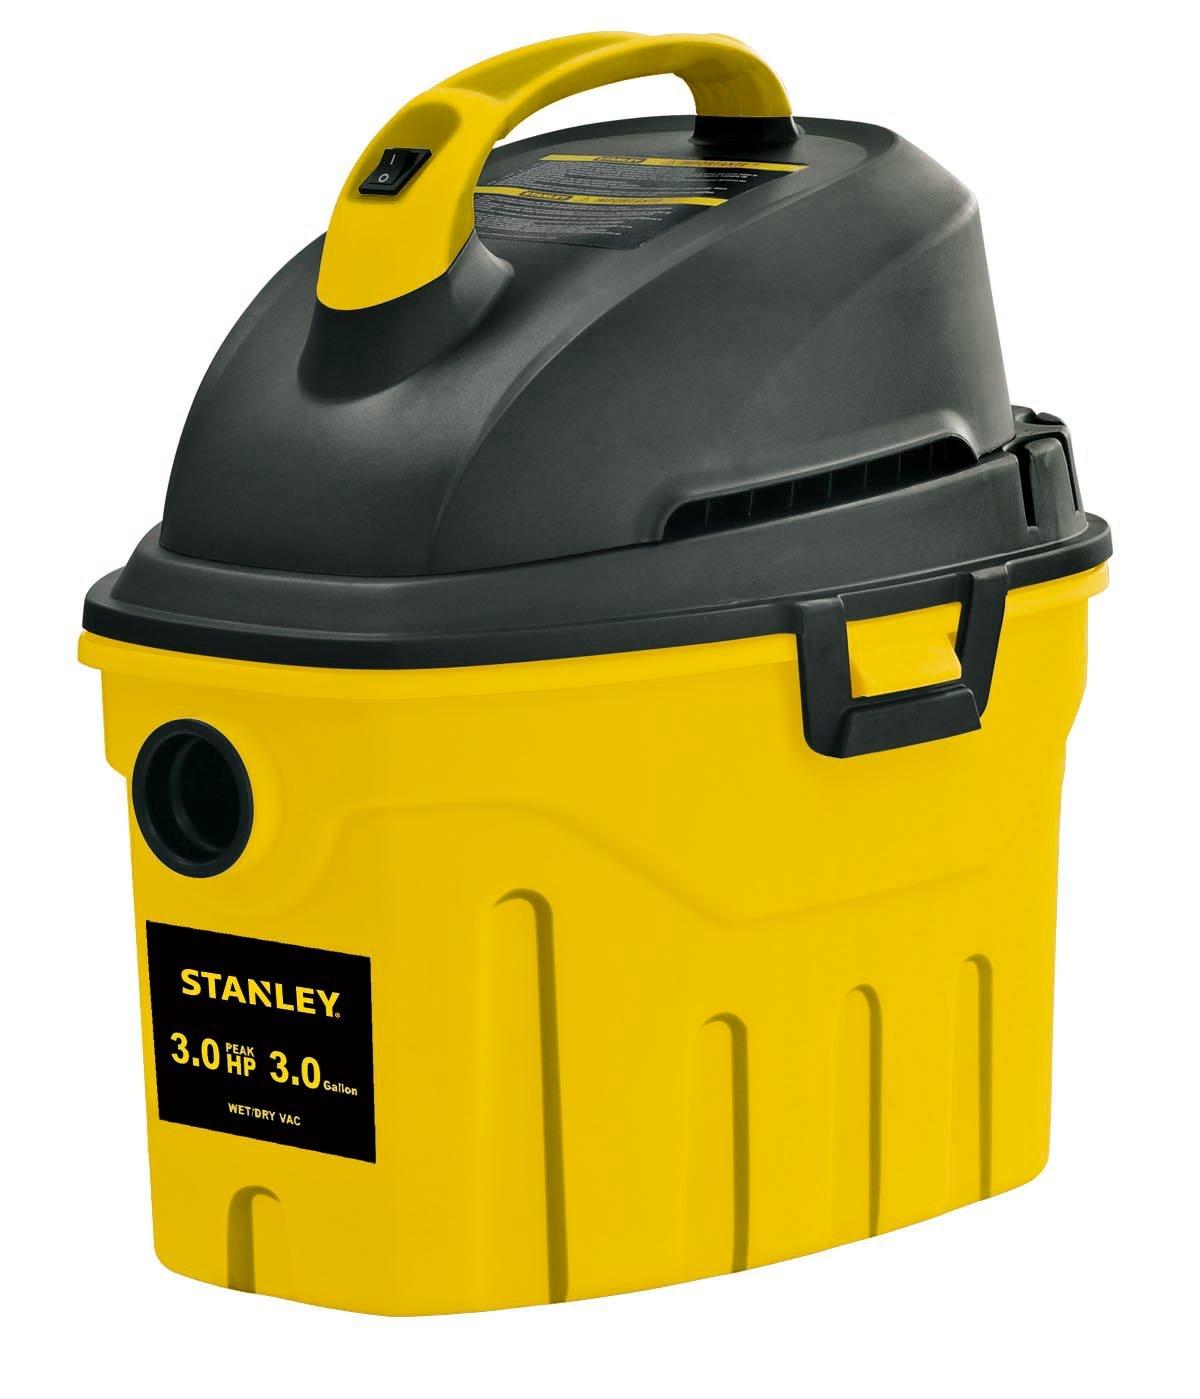 Stanley Wet/Dry Vacuum, 3 Gallon, 3 Horsepower